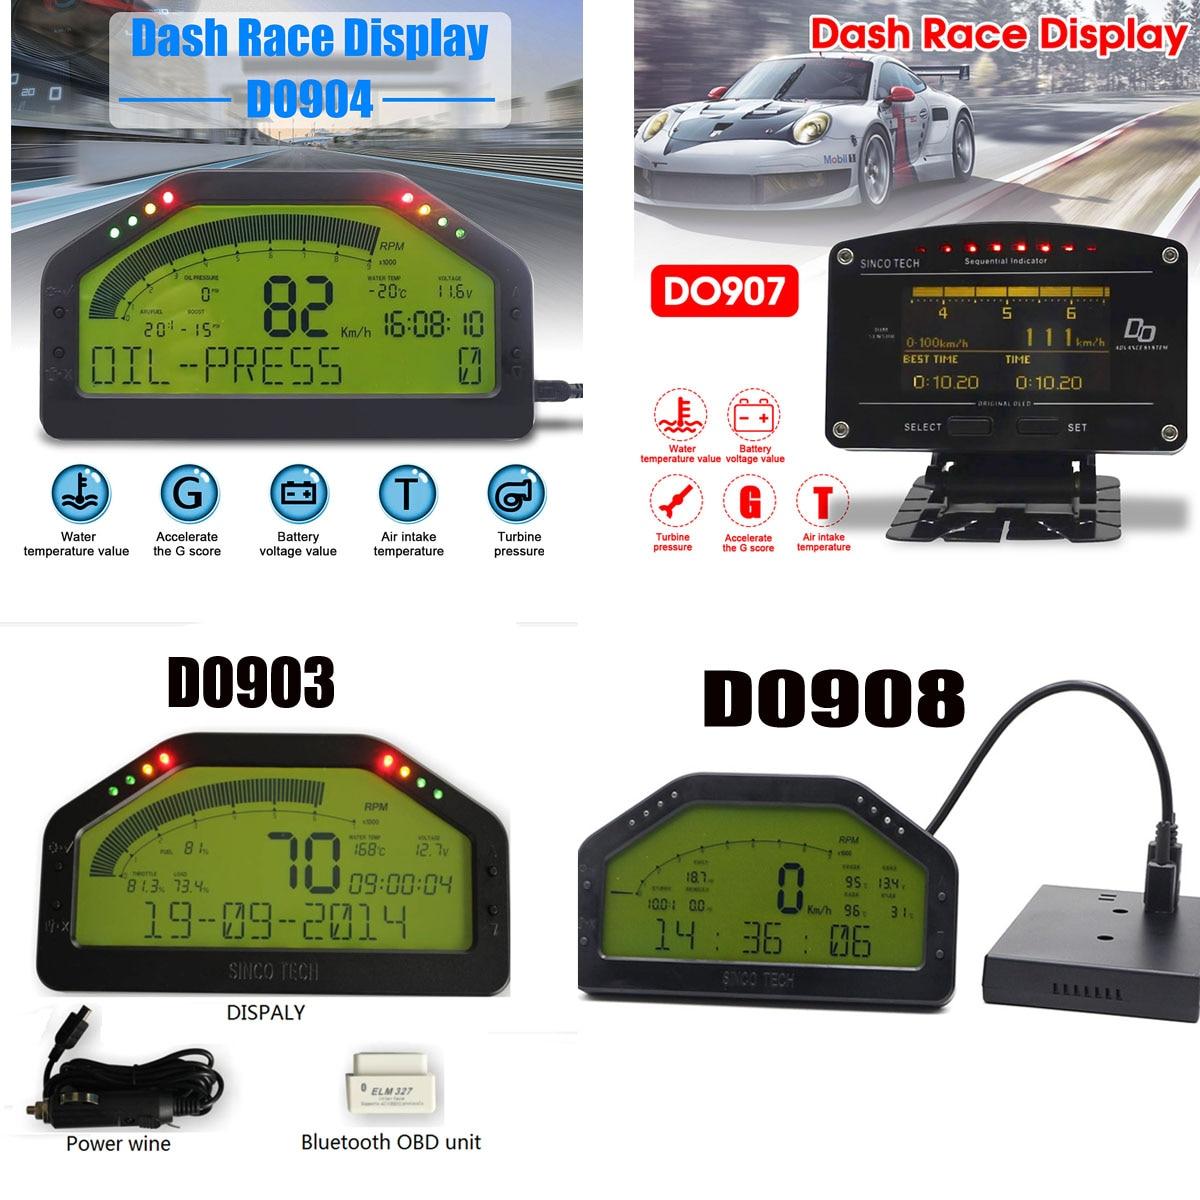 Impermeabile Dash Gara Kit Sensore di Visualizzazione A Pieno Schermo LCD OBD Connessione Bluetooh Universale Cruscotto DO903 DO904 DO907 DO908